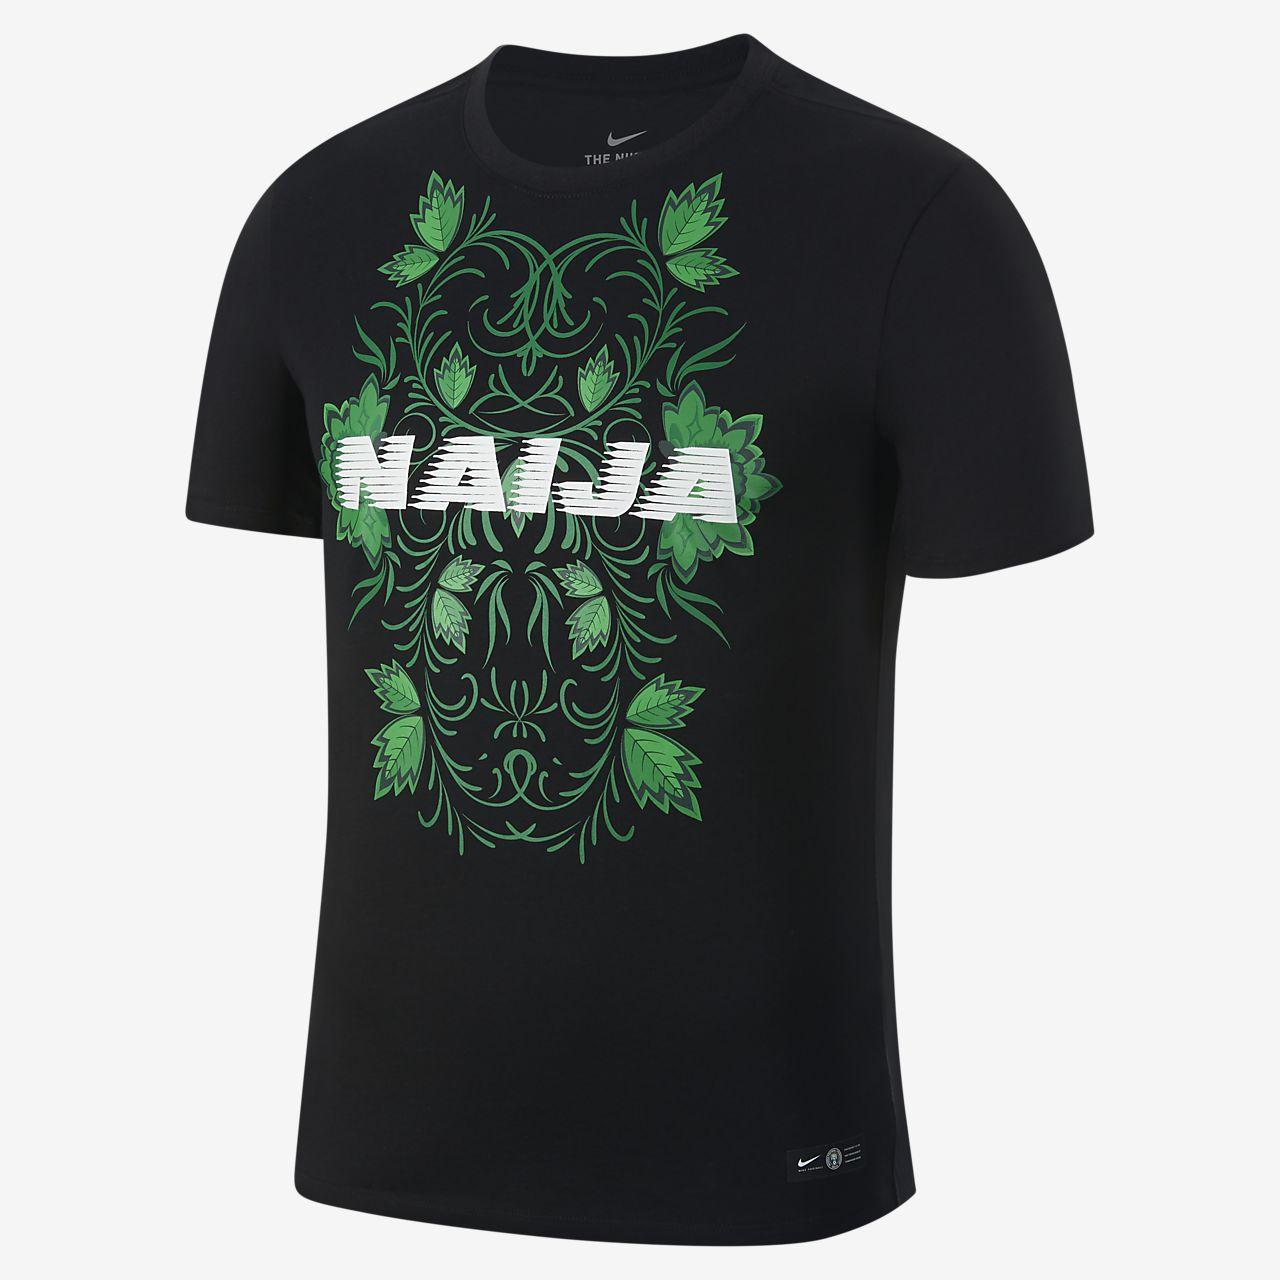 尼日利亚队 Squad 男子T恤